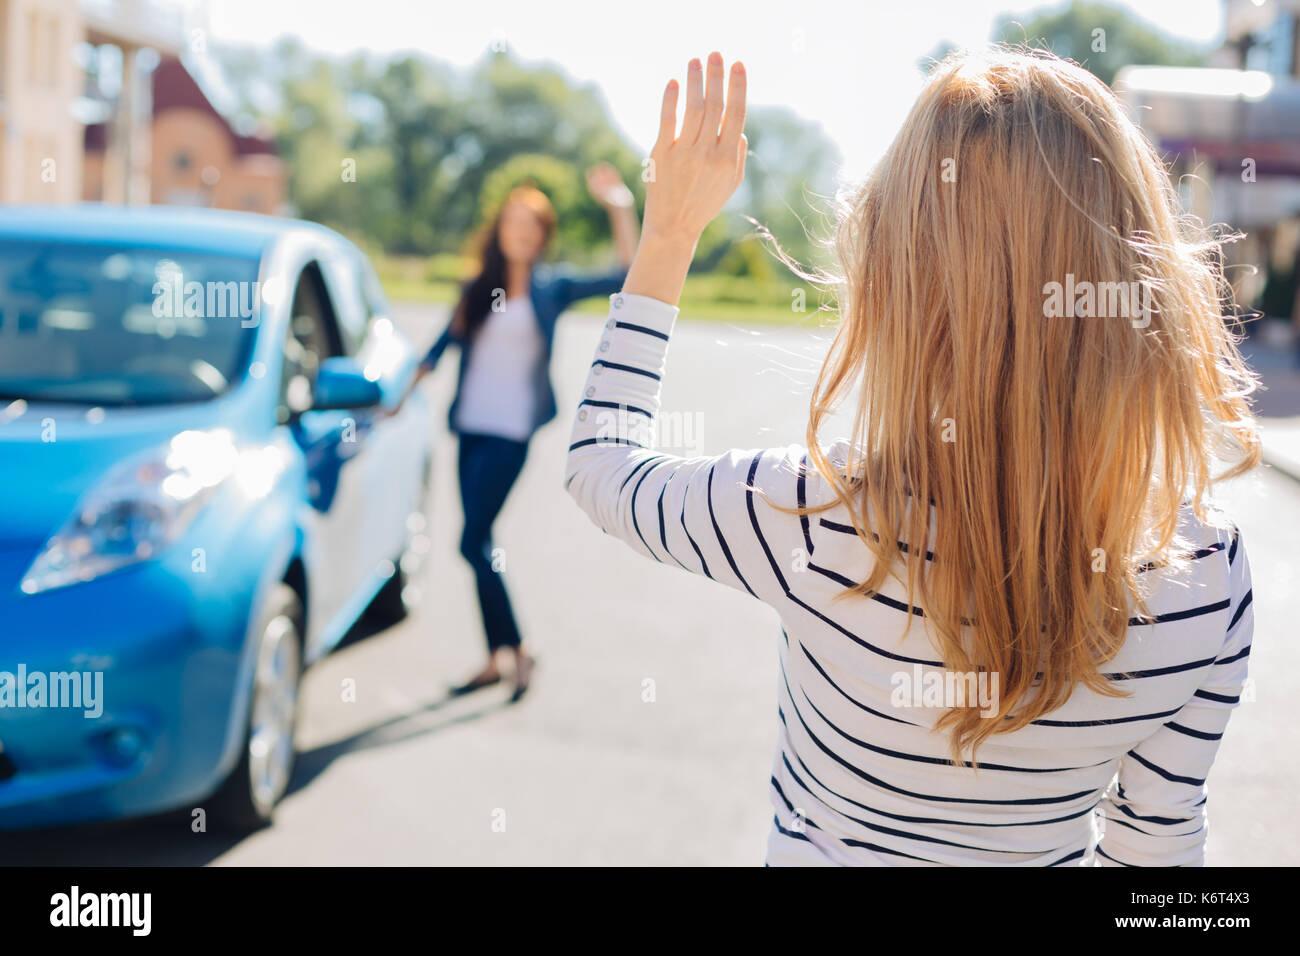 Schöne junge Frau winkte mit der Hand Stockbild